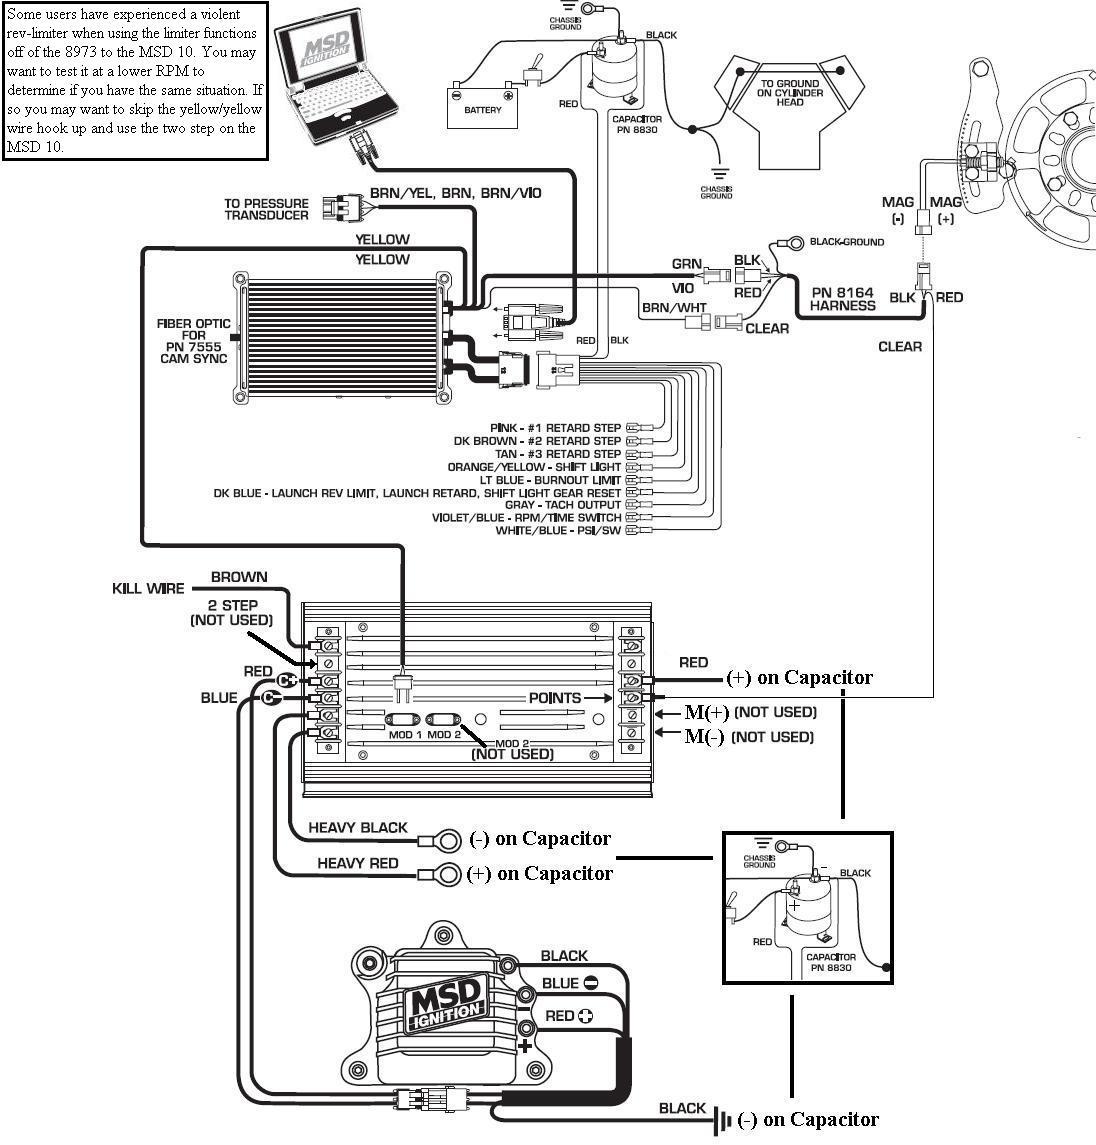 msd 8350 wiring diagram   23 wiring diagram images